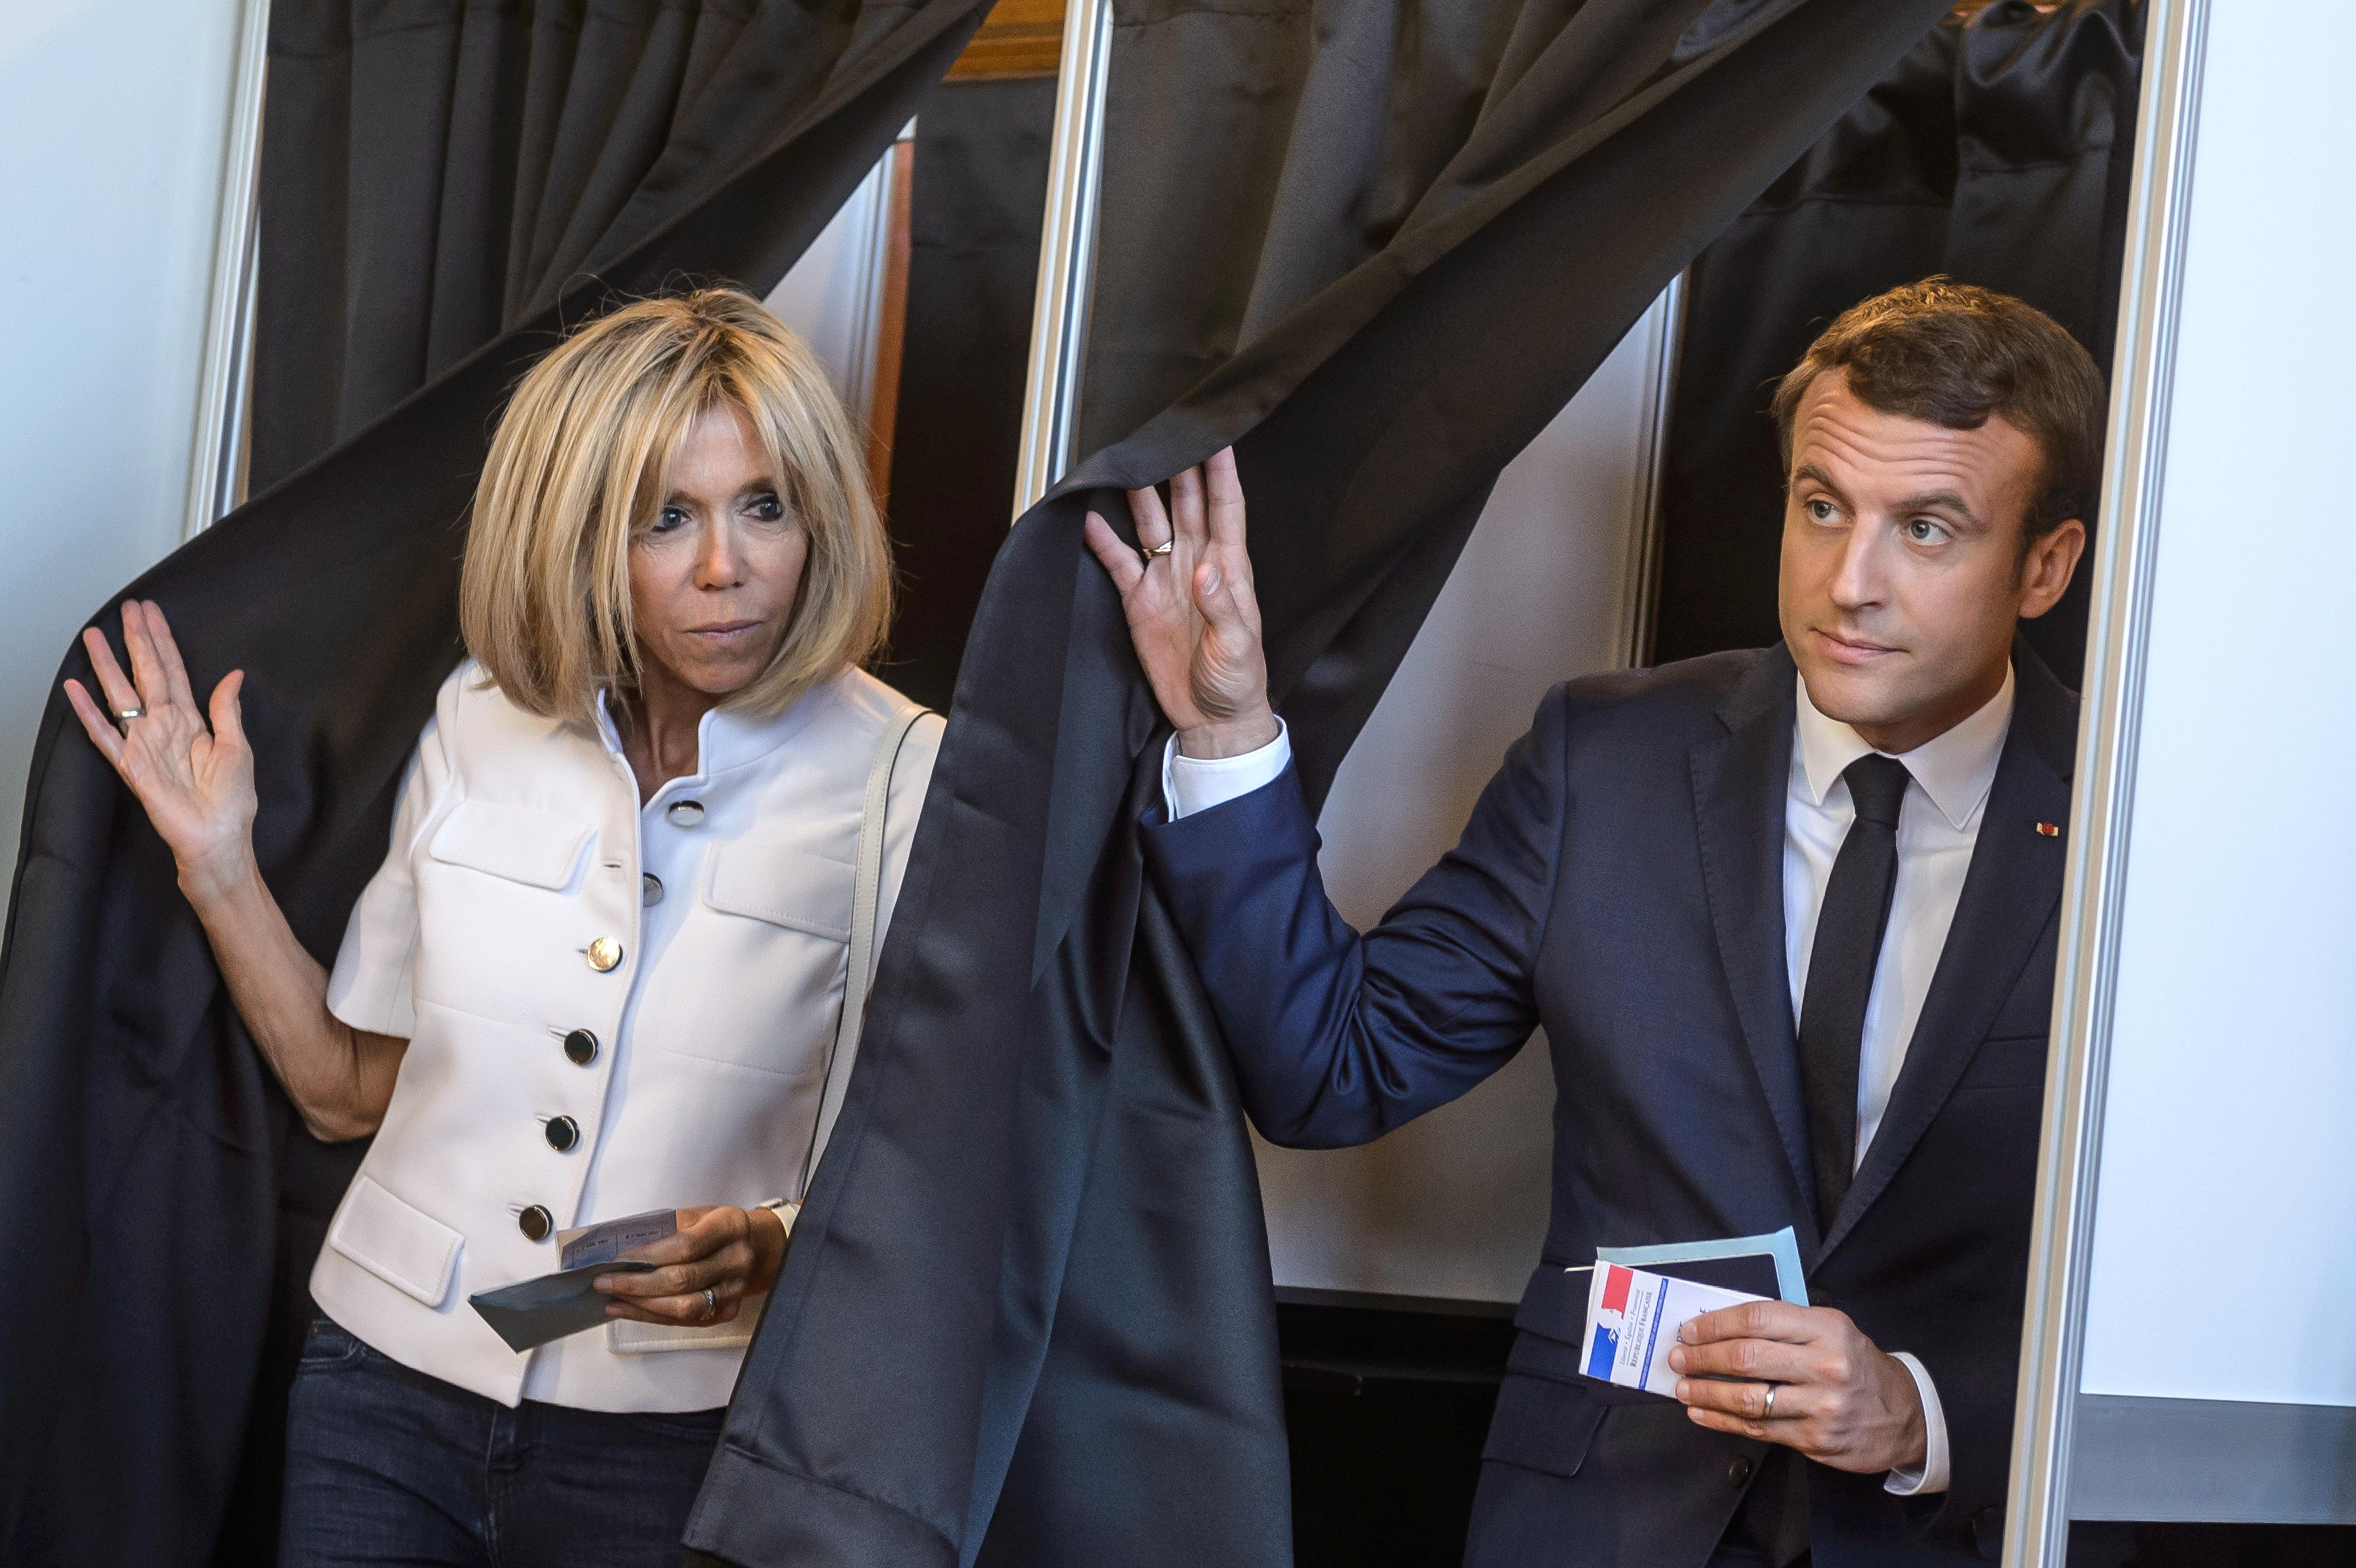 Bolsonaro kommentben szólt be Macron feleségére, a francia elnök reméli, Brazíliának olyan elnöke lesz, aki méltó a tisztségre